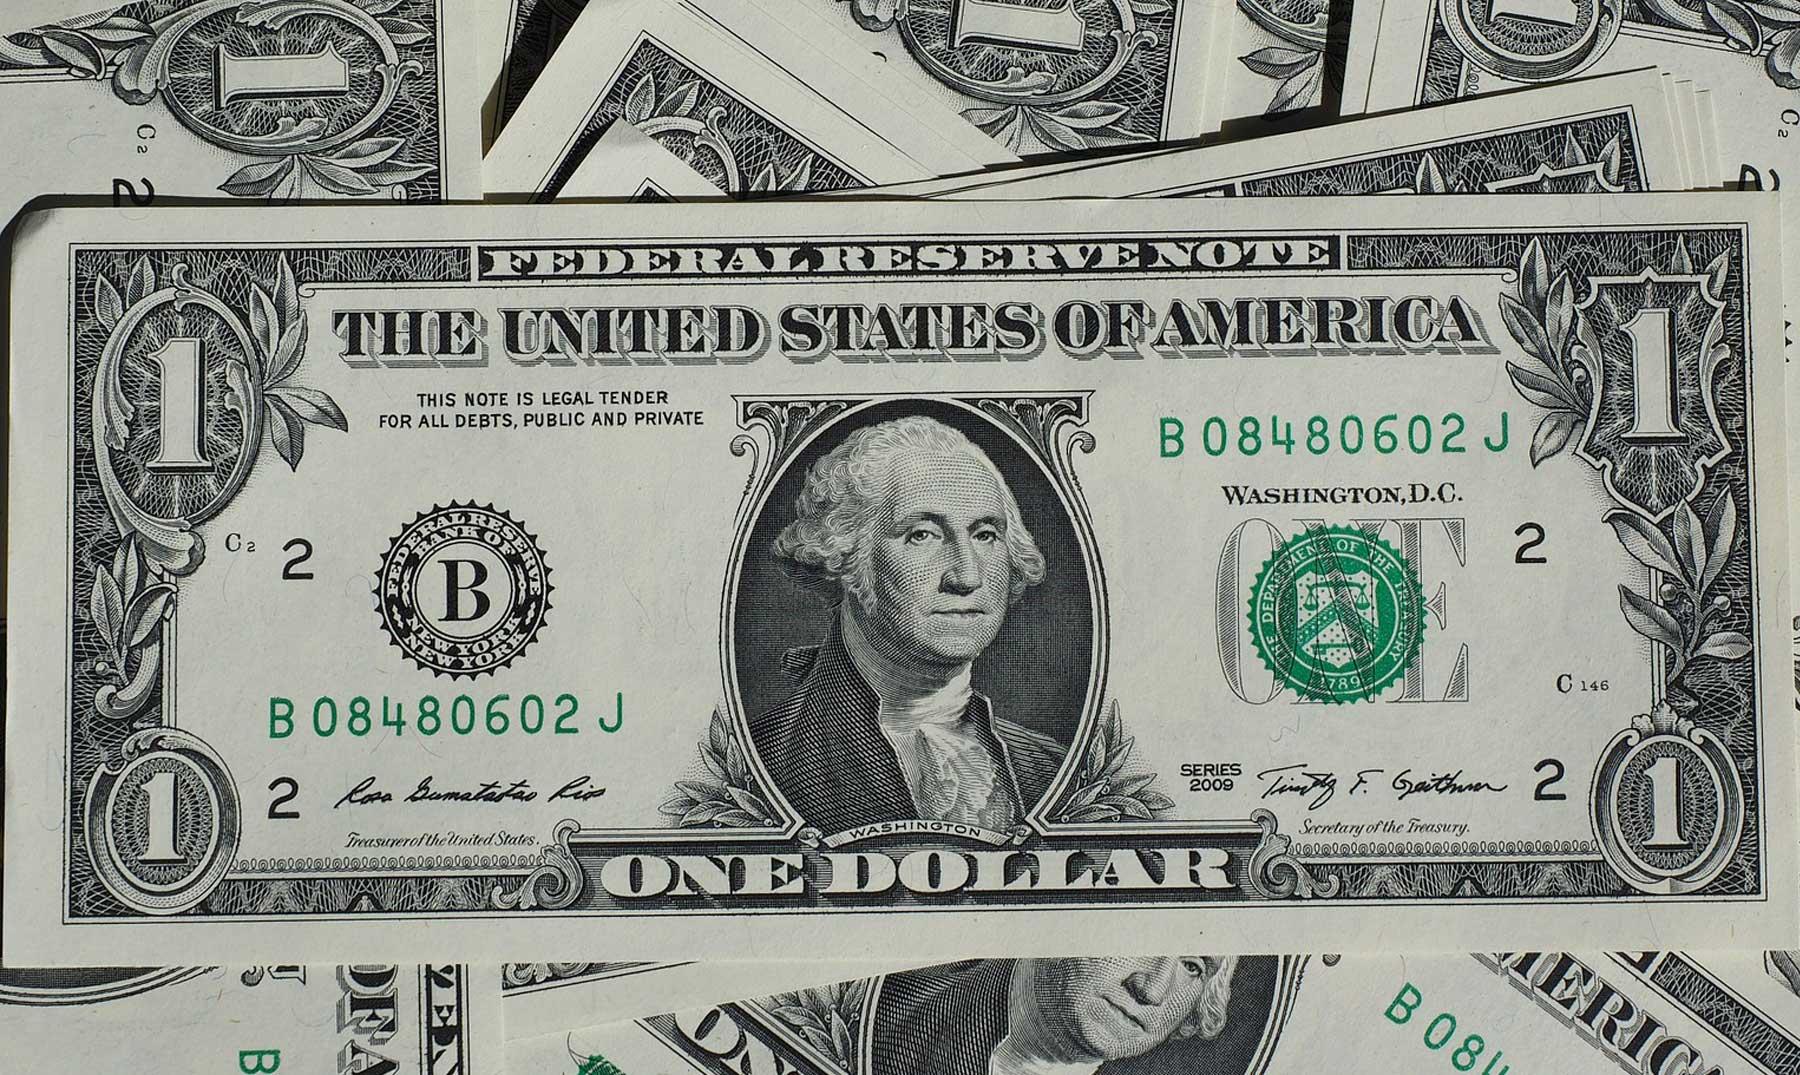 8 curiosidades sobre el billete de dólar